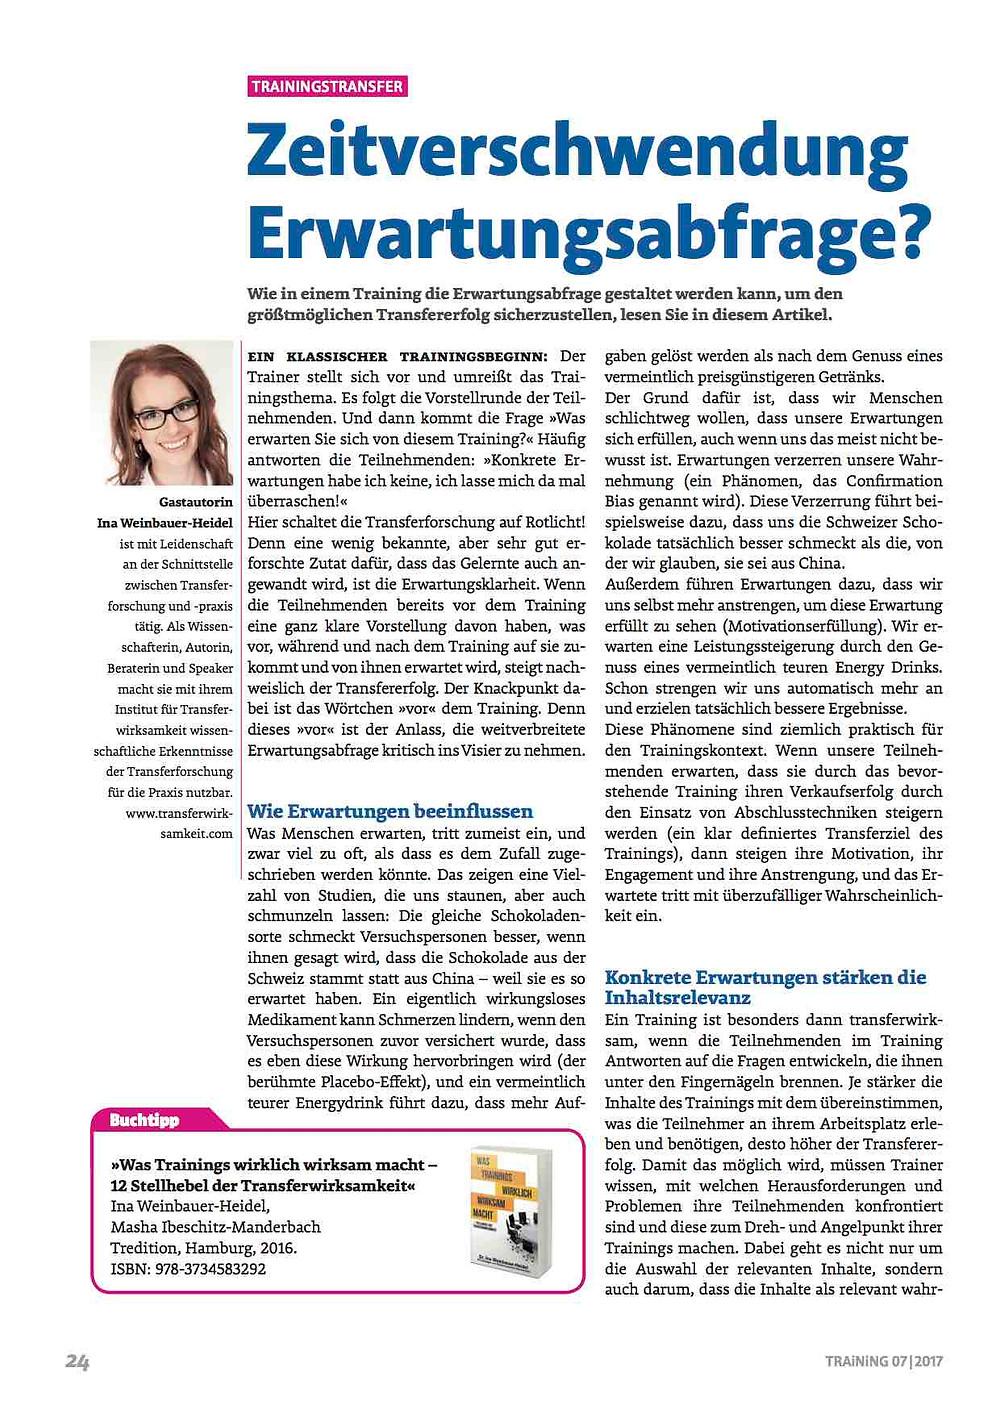 Artikel_Zeitverschwendung Erwartungsabfrage_Magazin Training